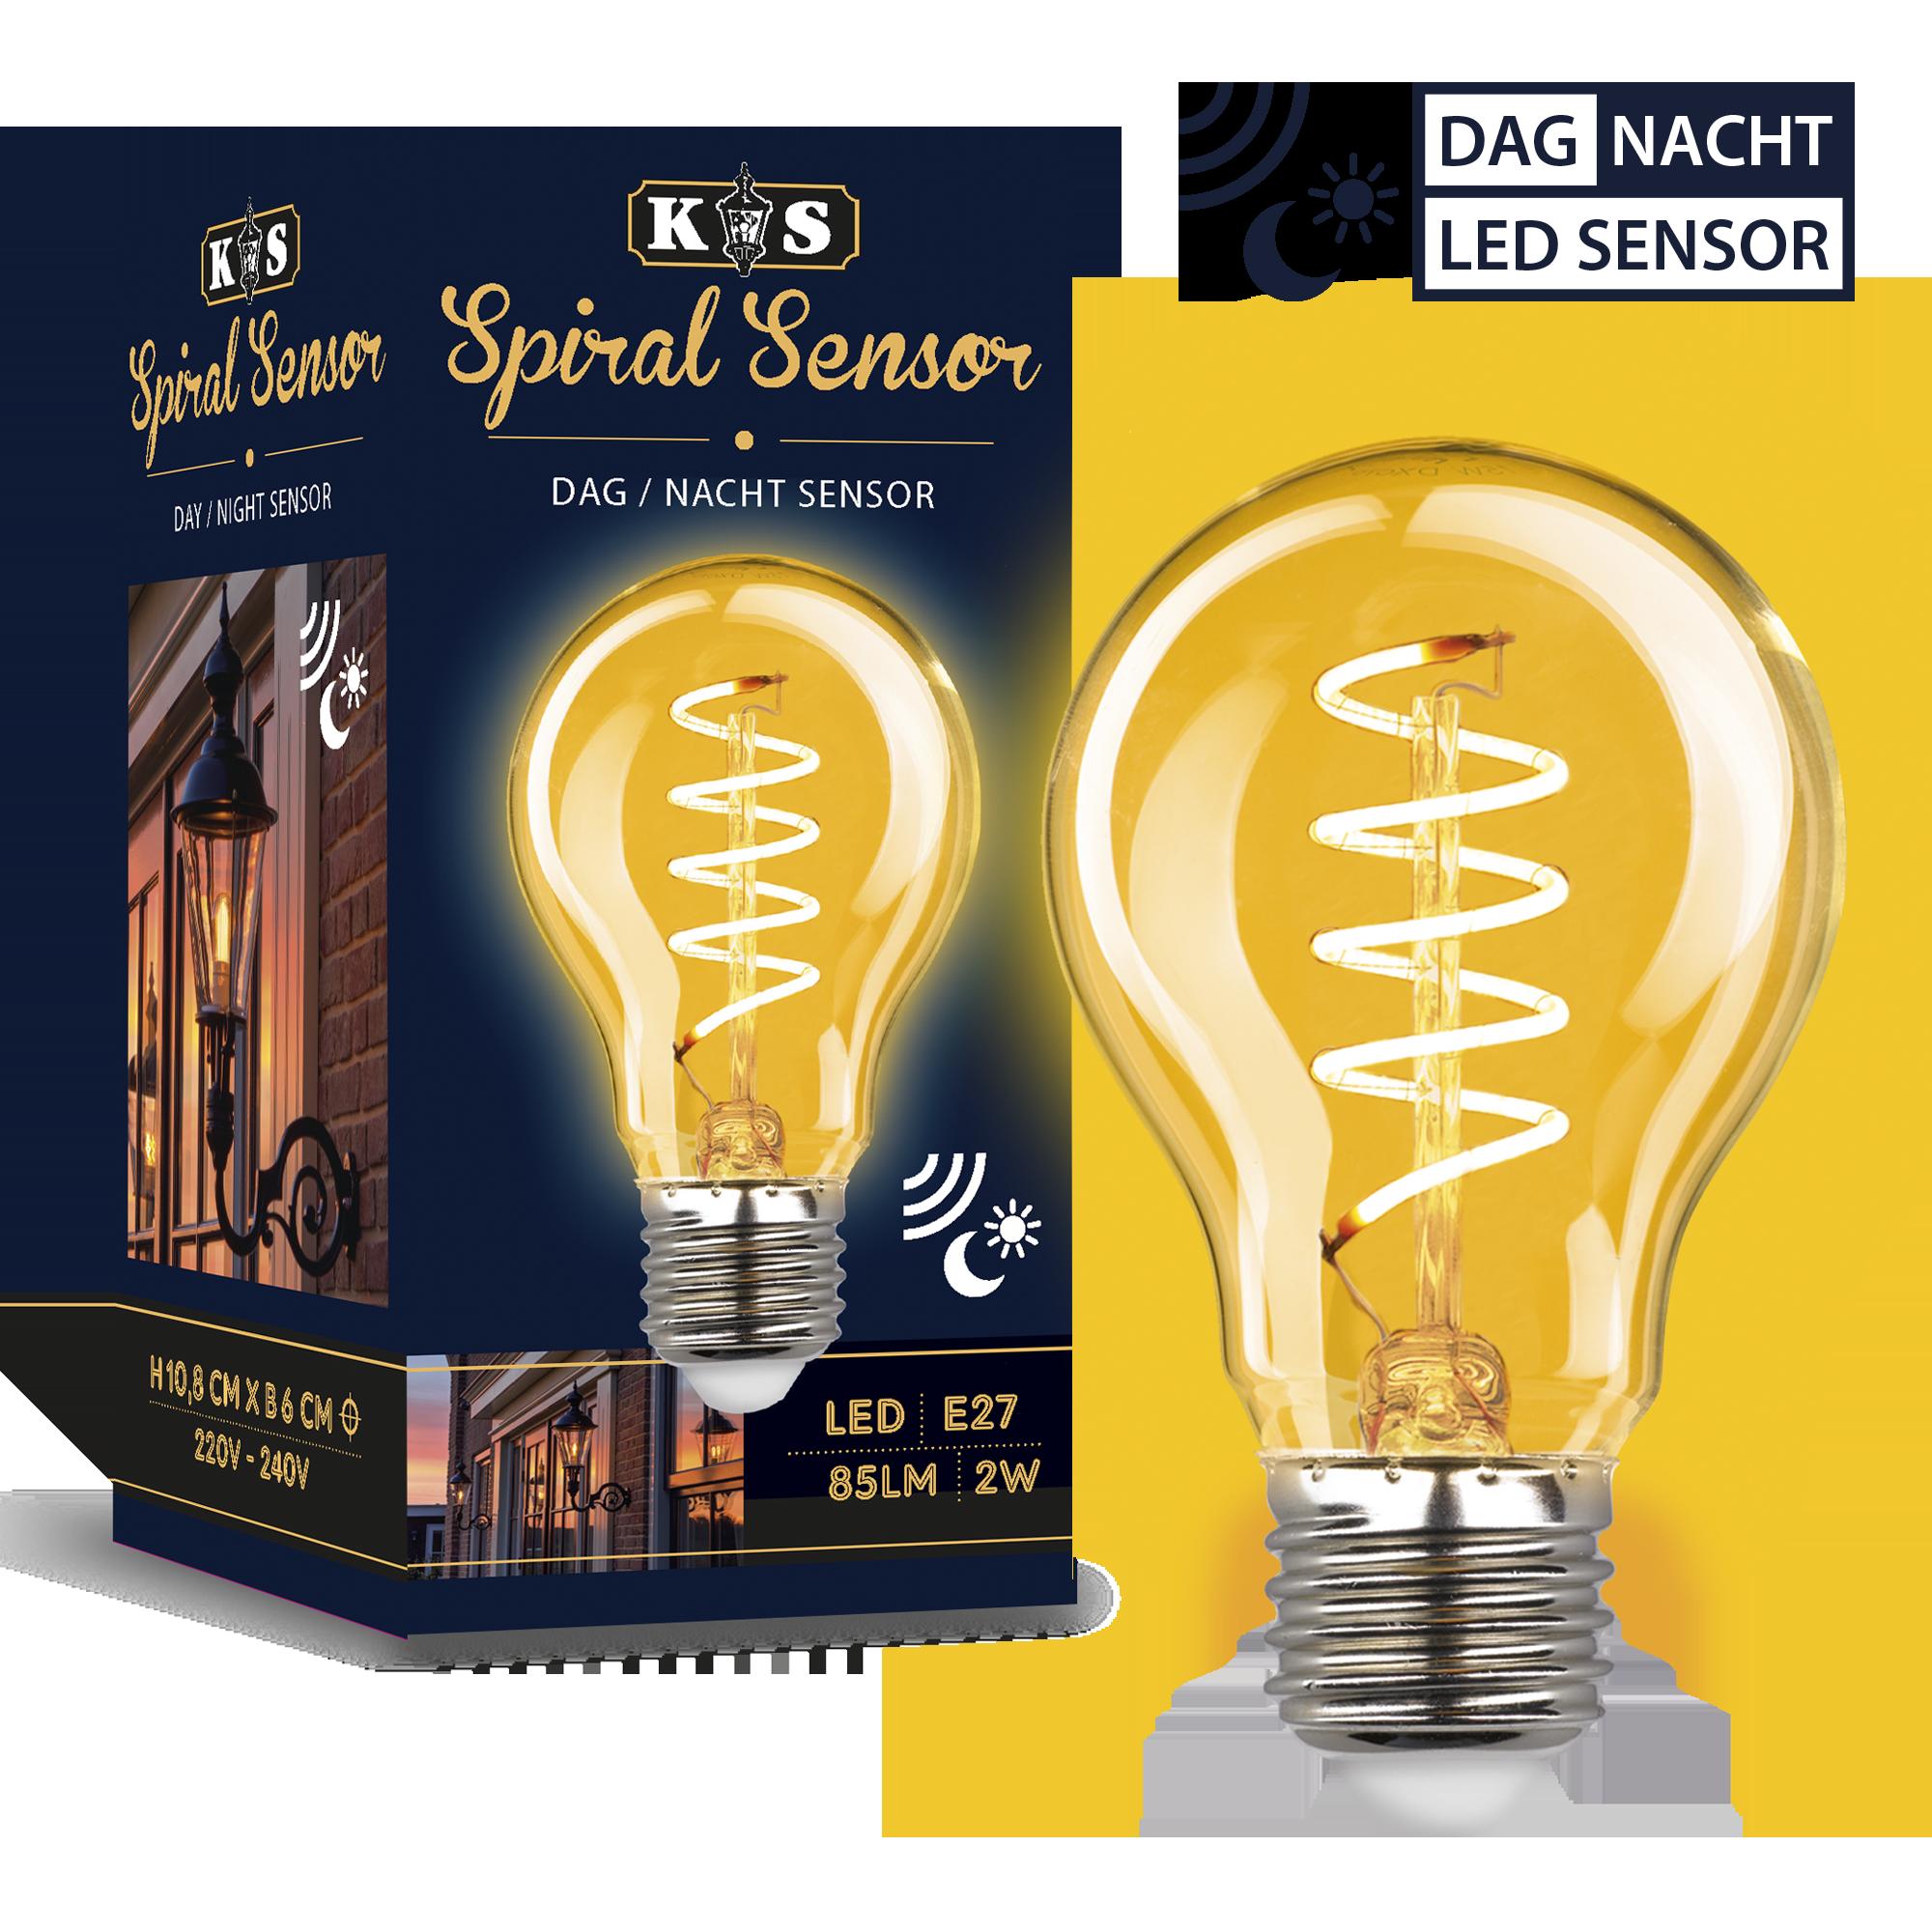 LED Dag / Nacht Sensor spiral